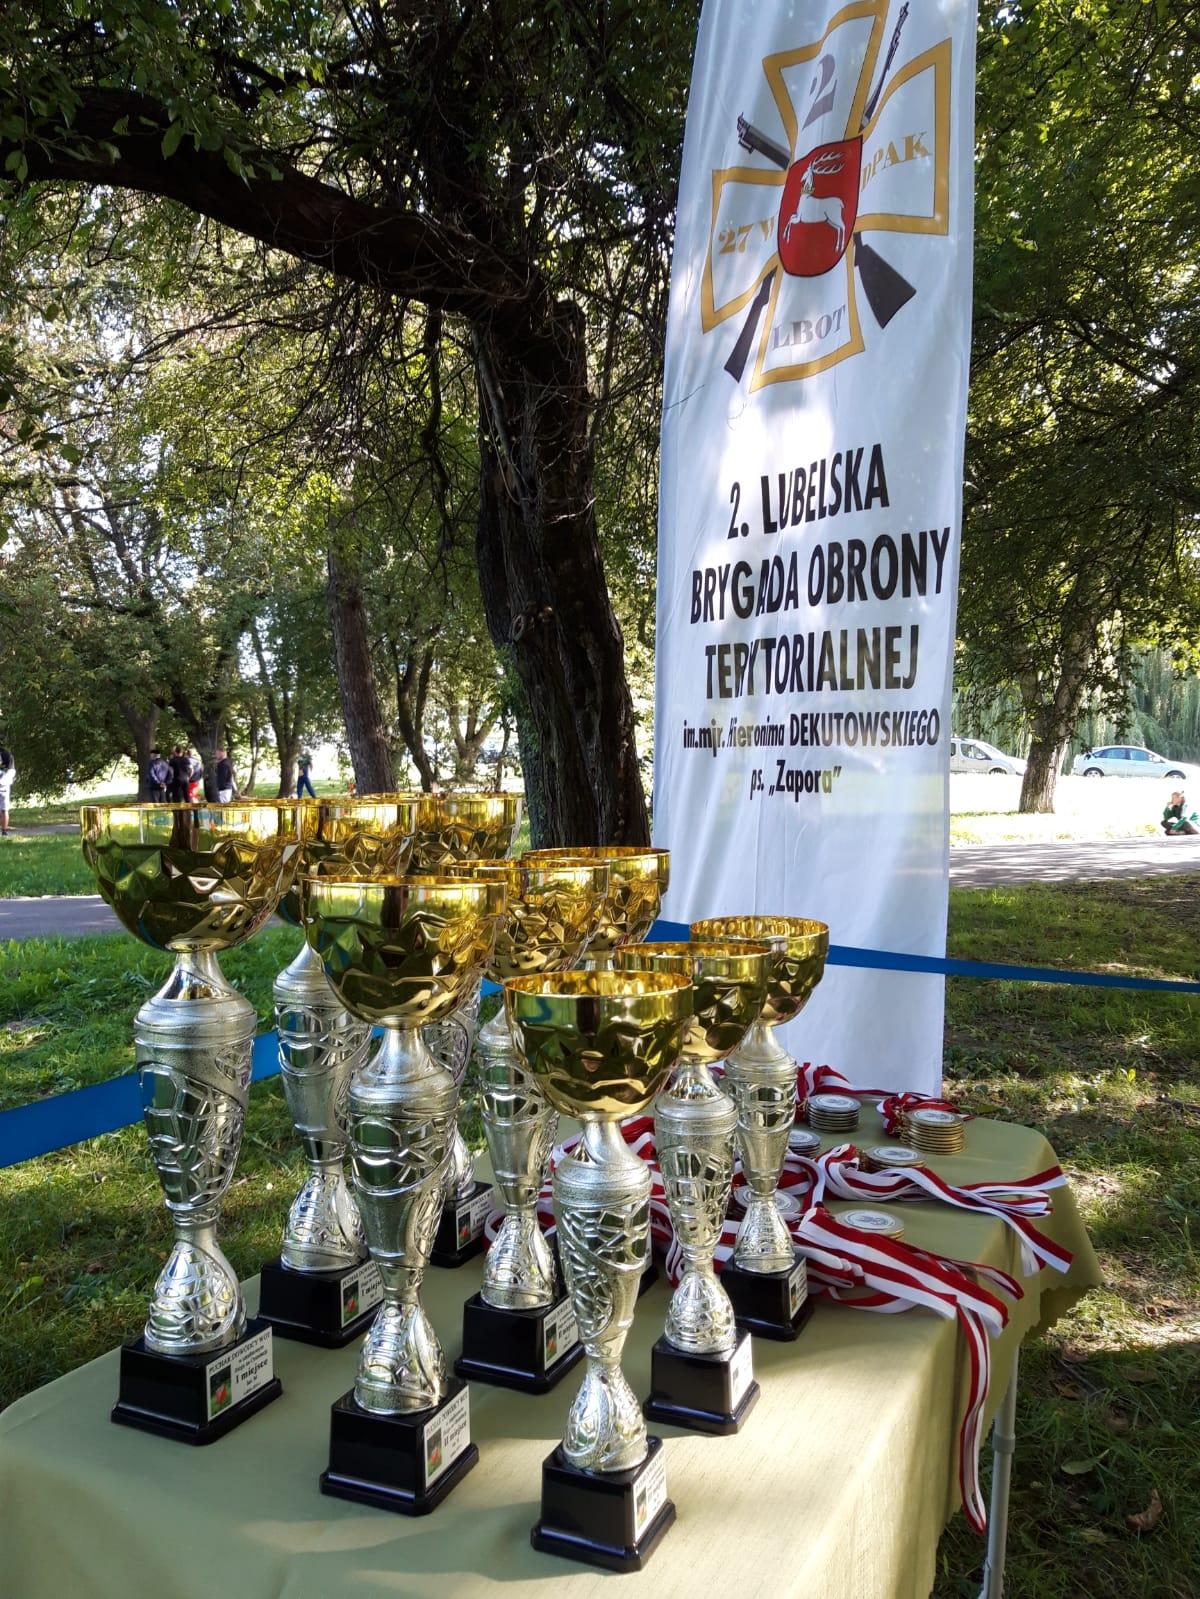 2lbot mistrzostwa bno 1 Lubelscy Terytorialsi mistrzami WOT wBiegu na Orientację